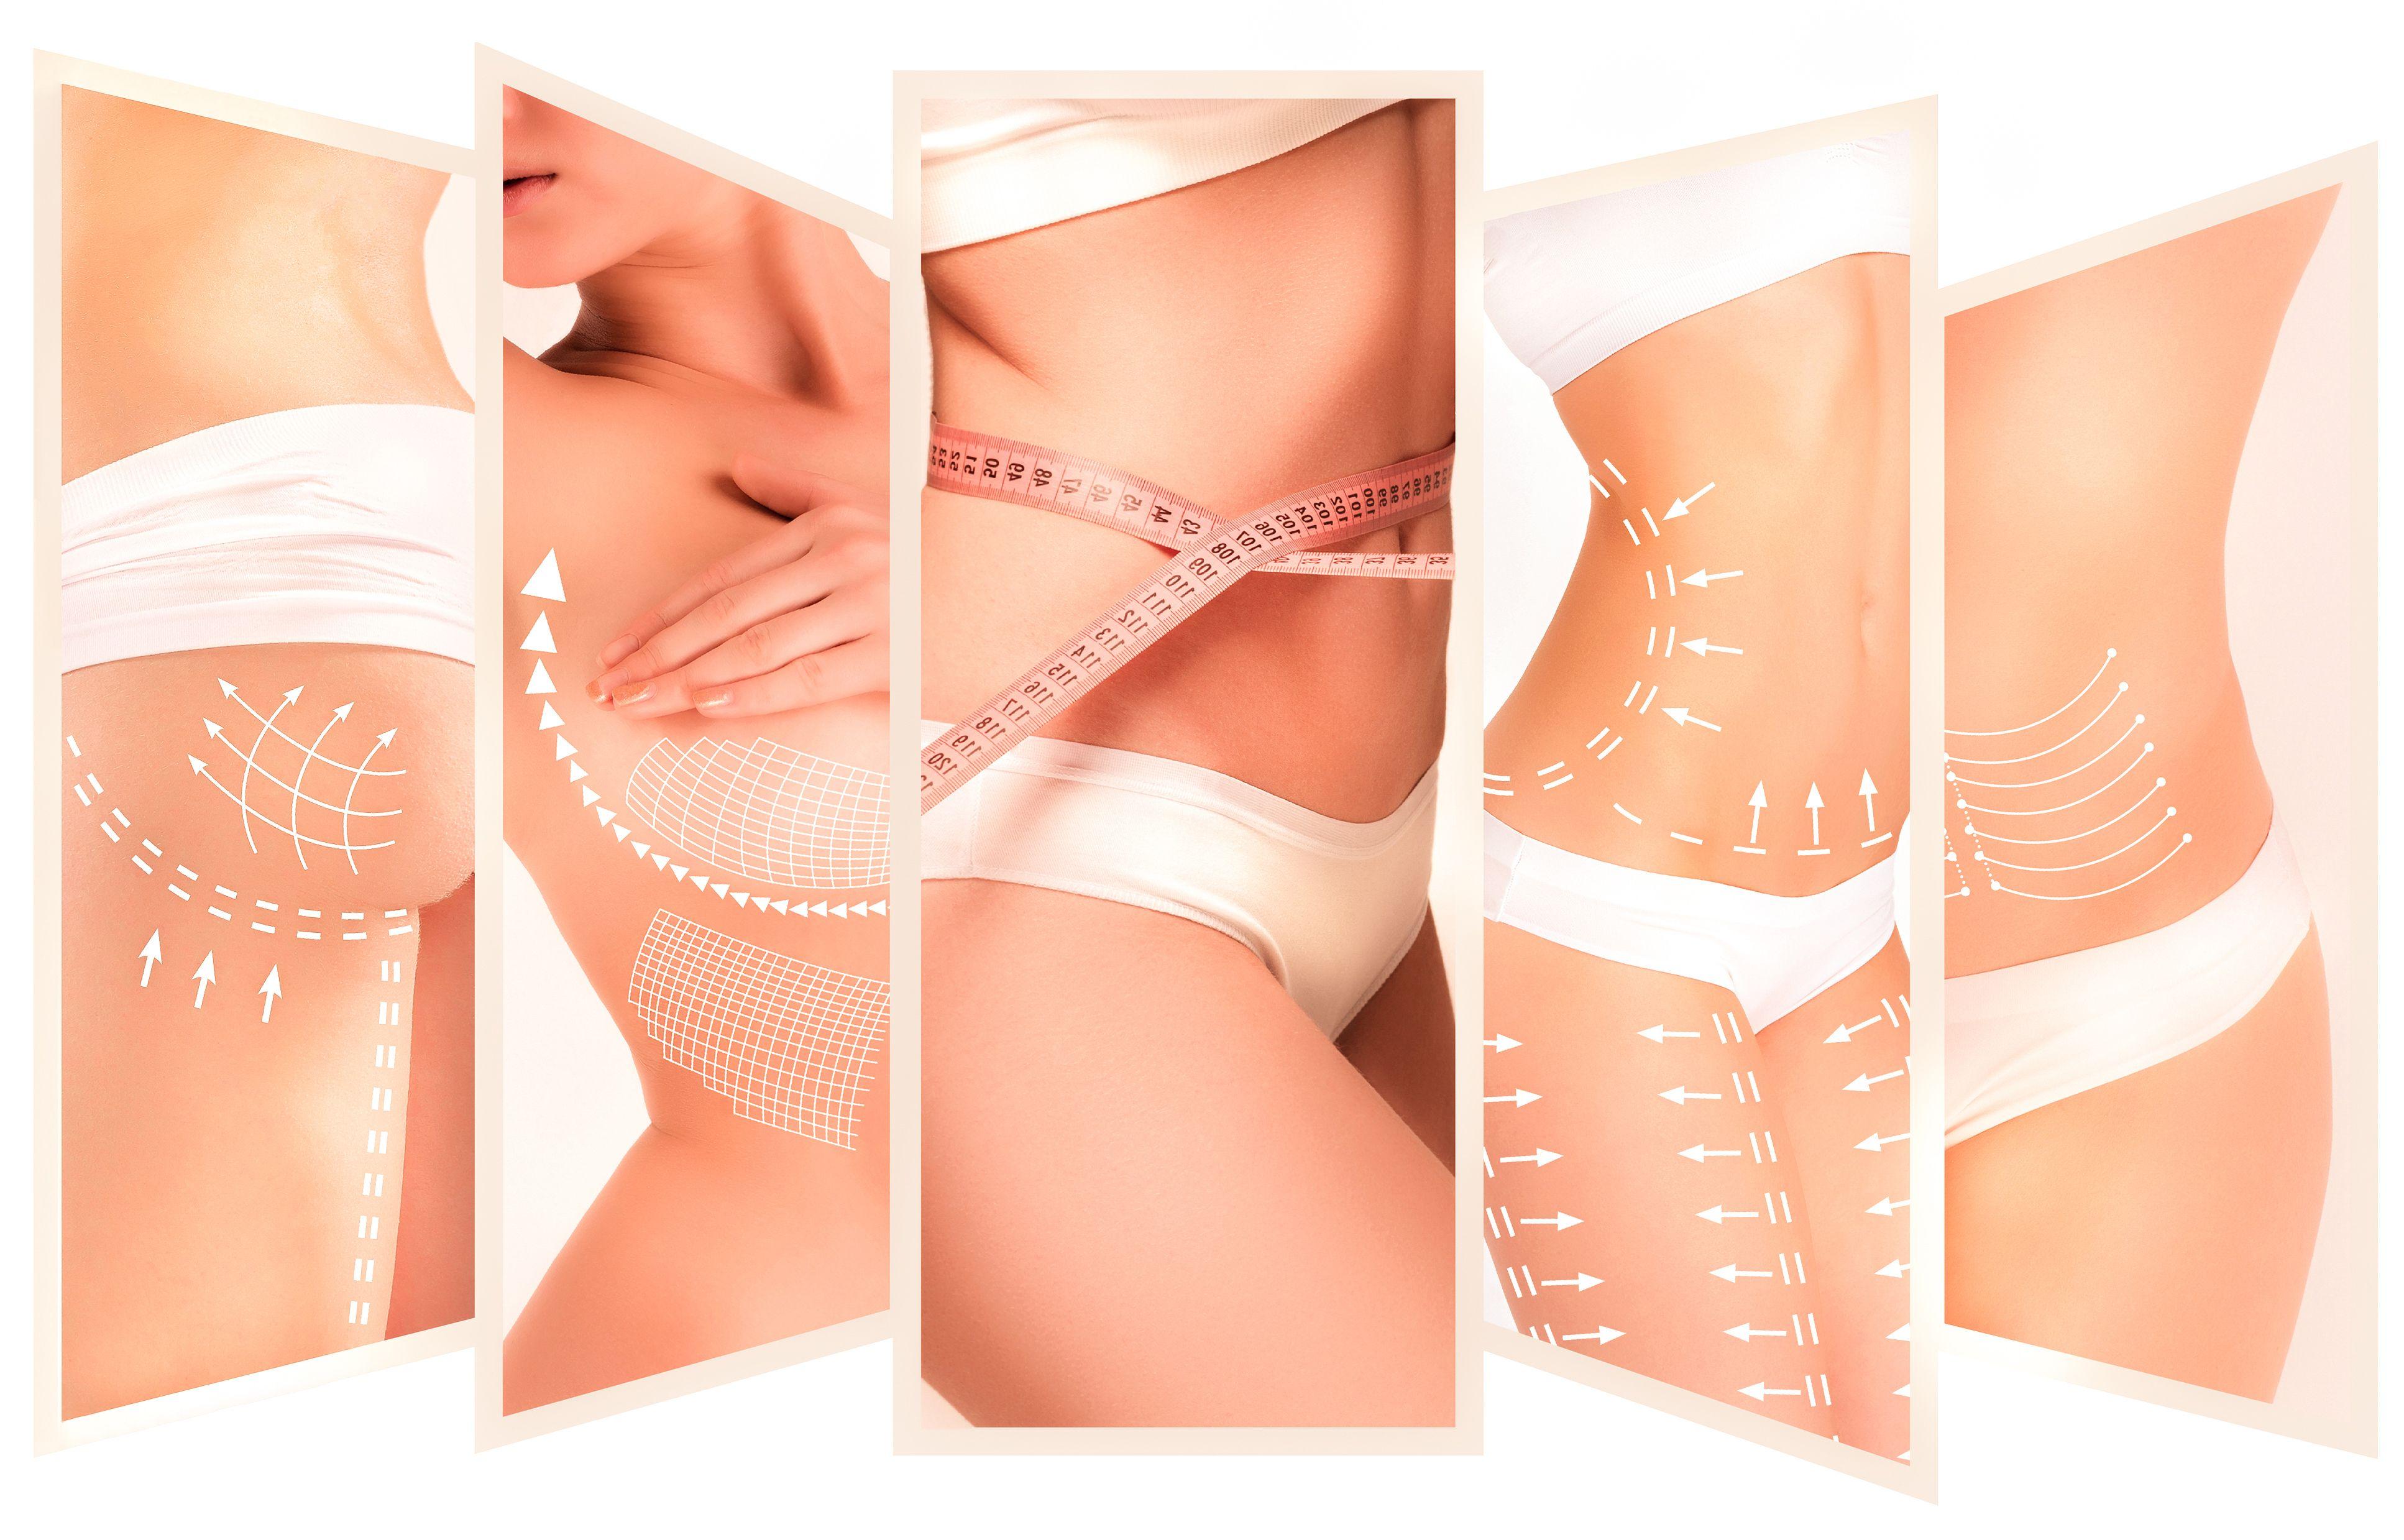 Clínica estética con tratamientos corporales en Badajoz